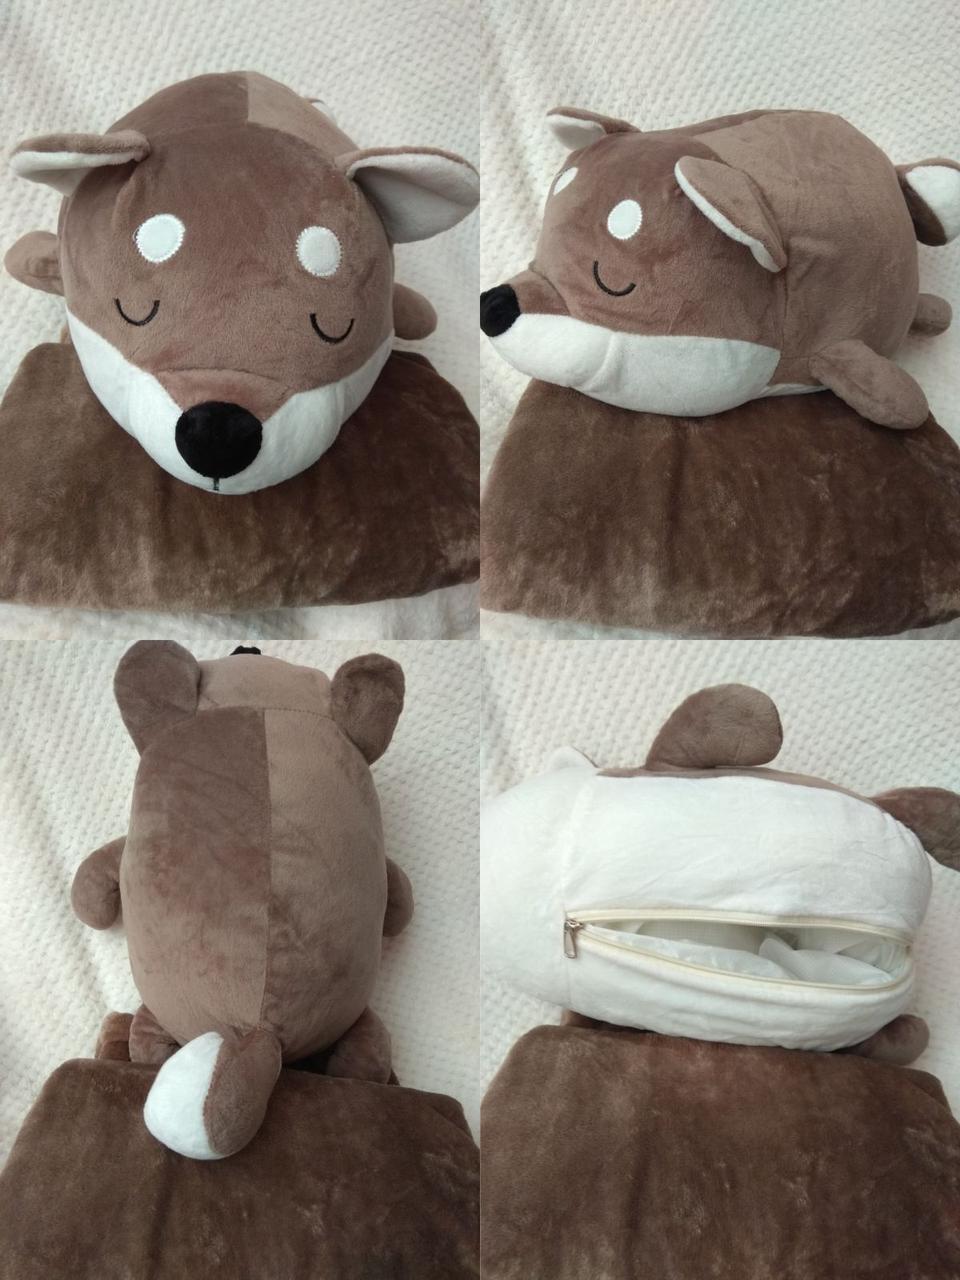 Плед іграшка подушка 3 в1 Вовк   Іграшка дитячий плед   Іграшки-Подушки   М'яка іграшка Коричневого кольору